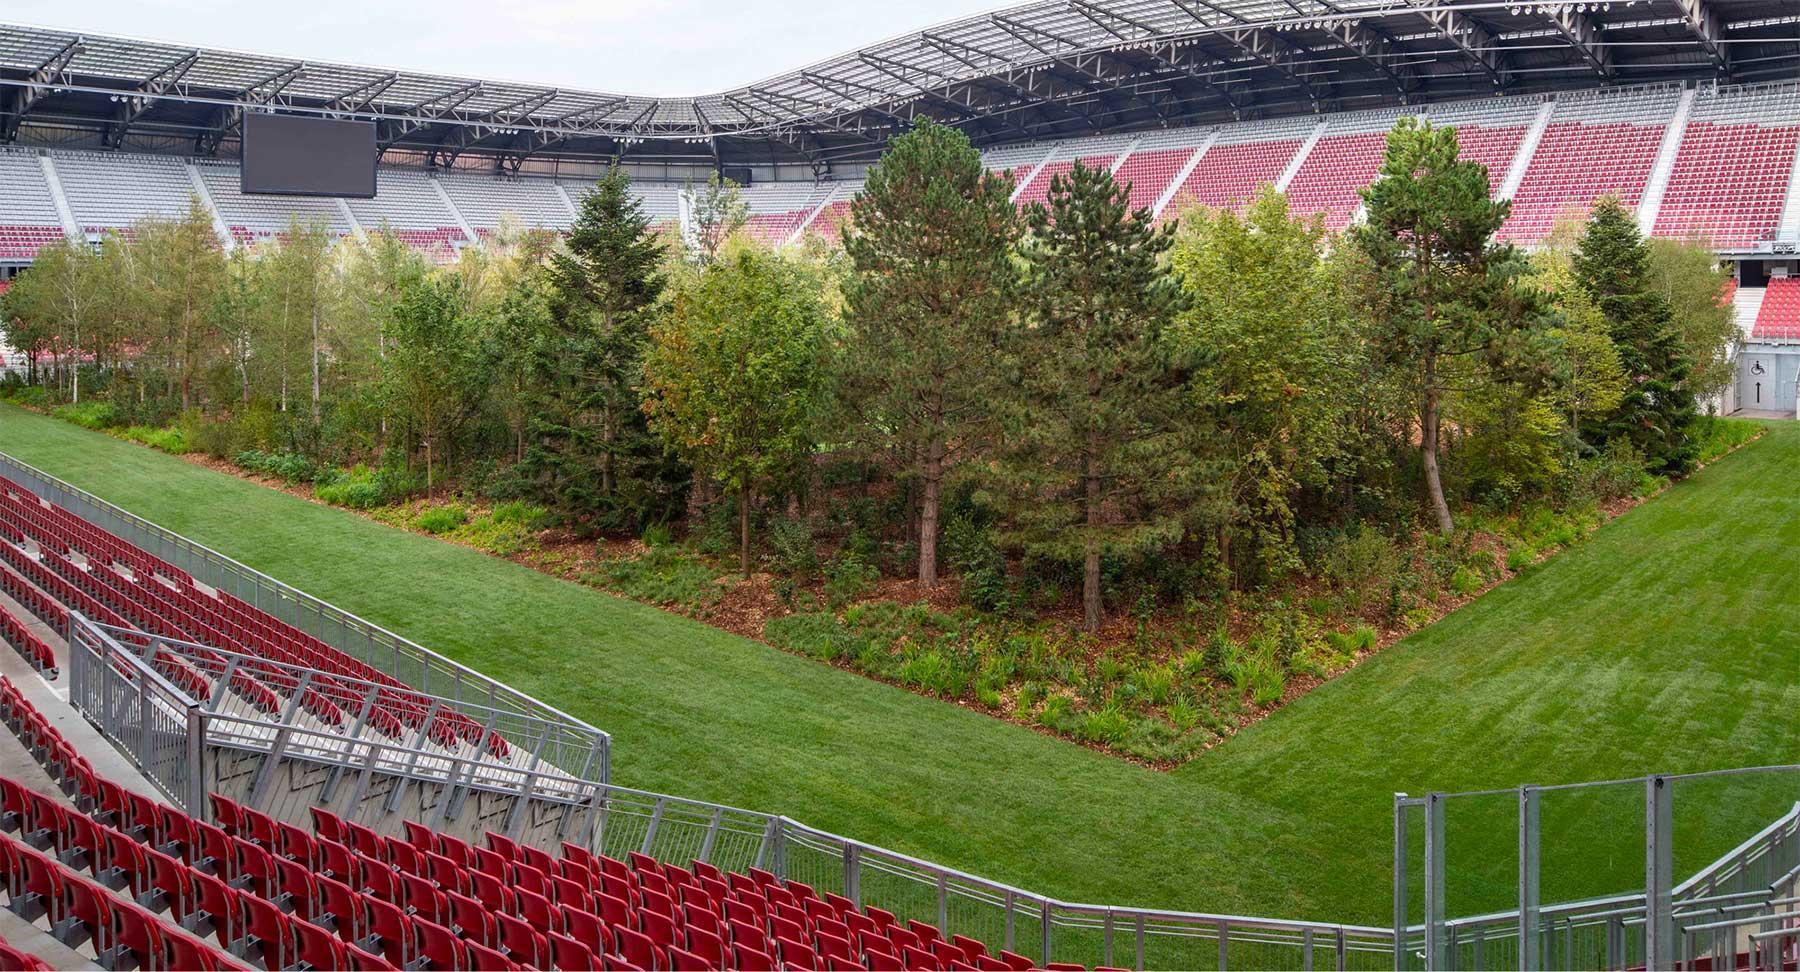 Ein Fußballstadion voller Bäume stadion-voller-baume-mit-wald_05